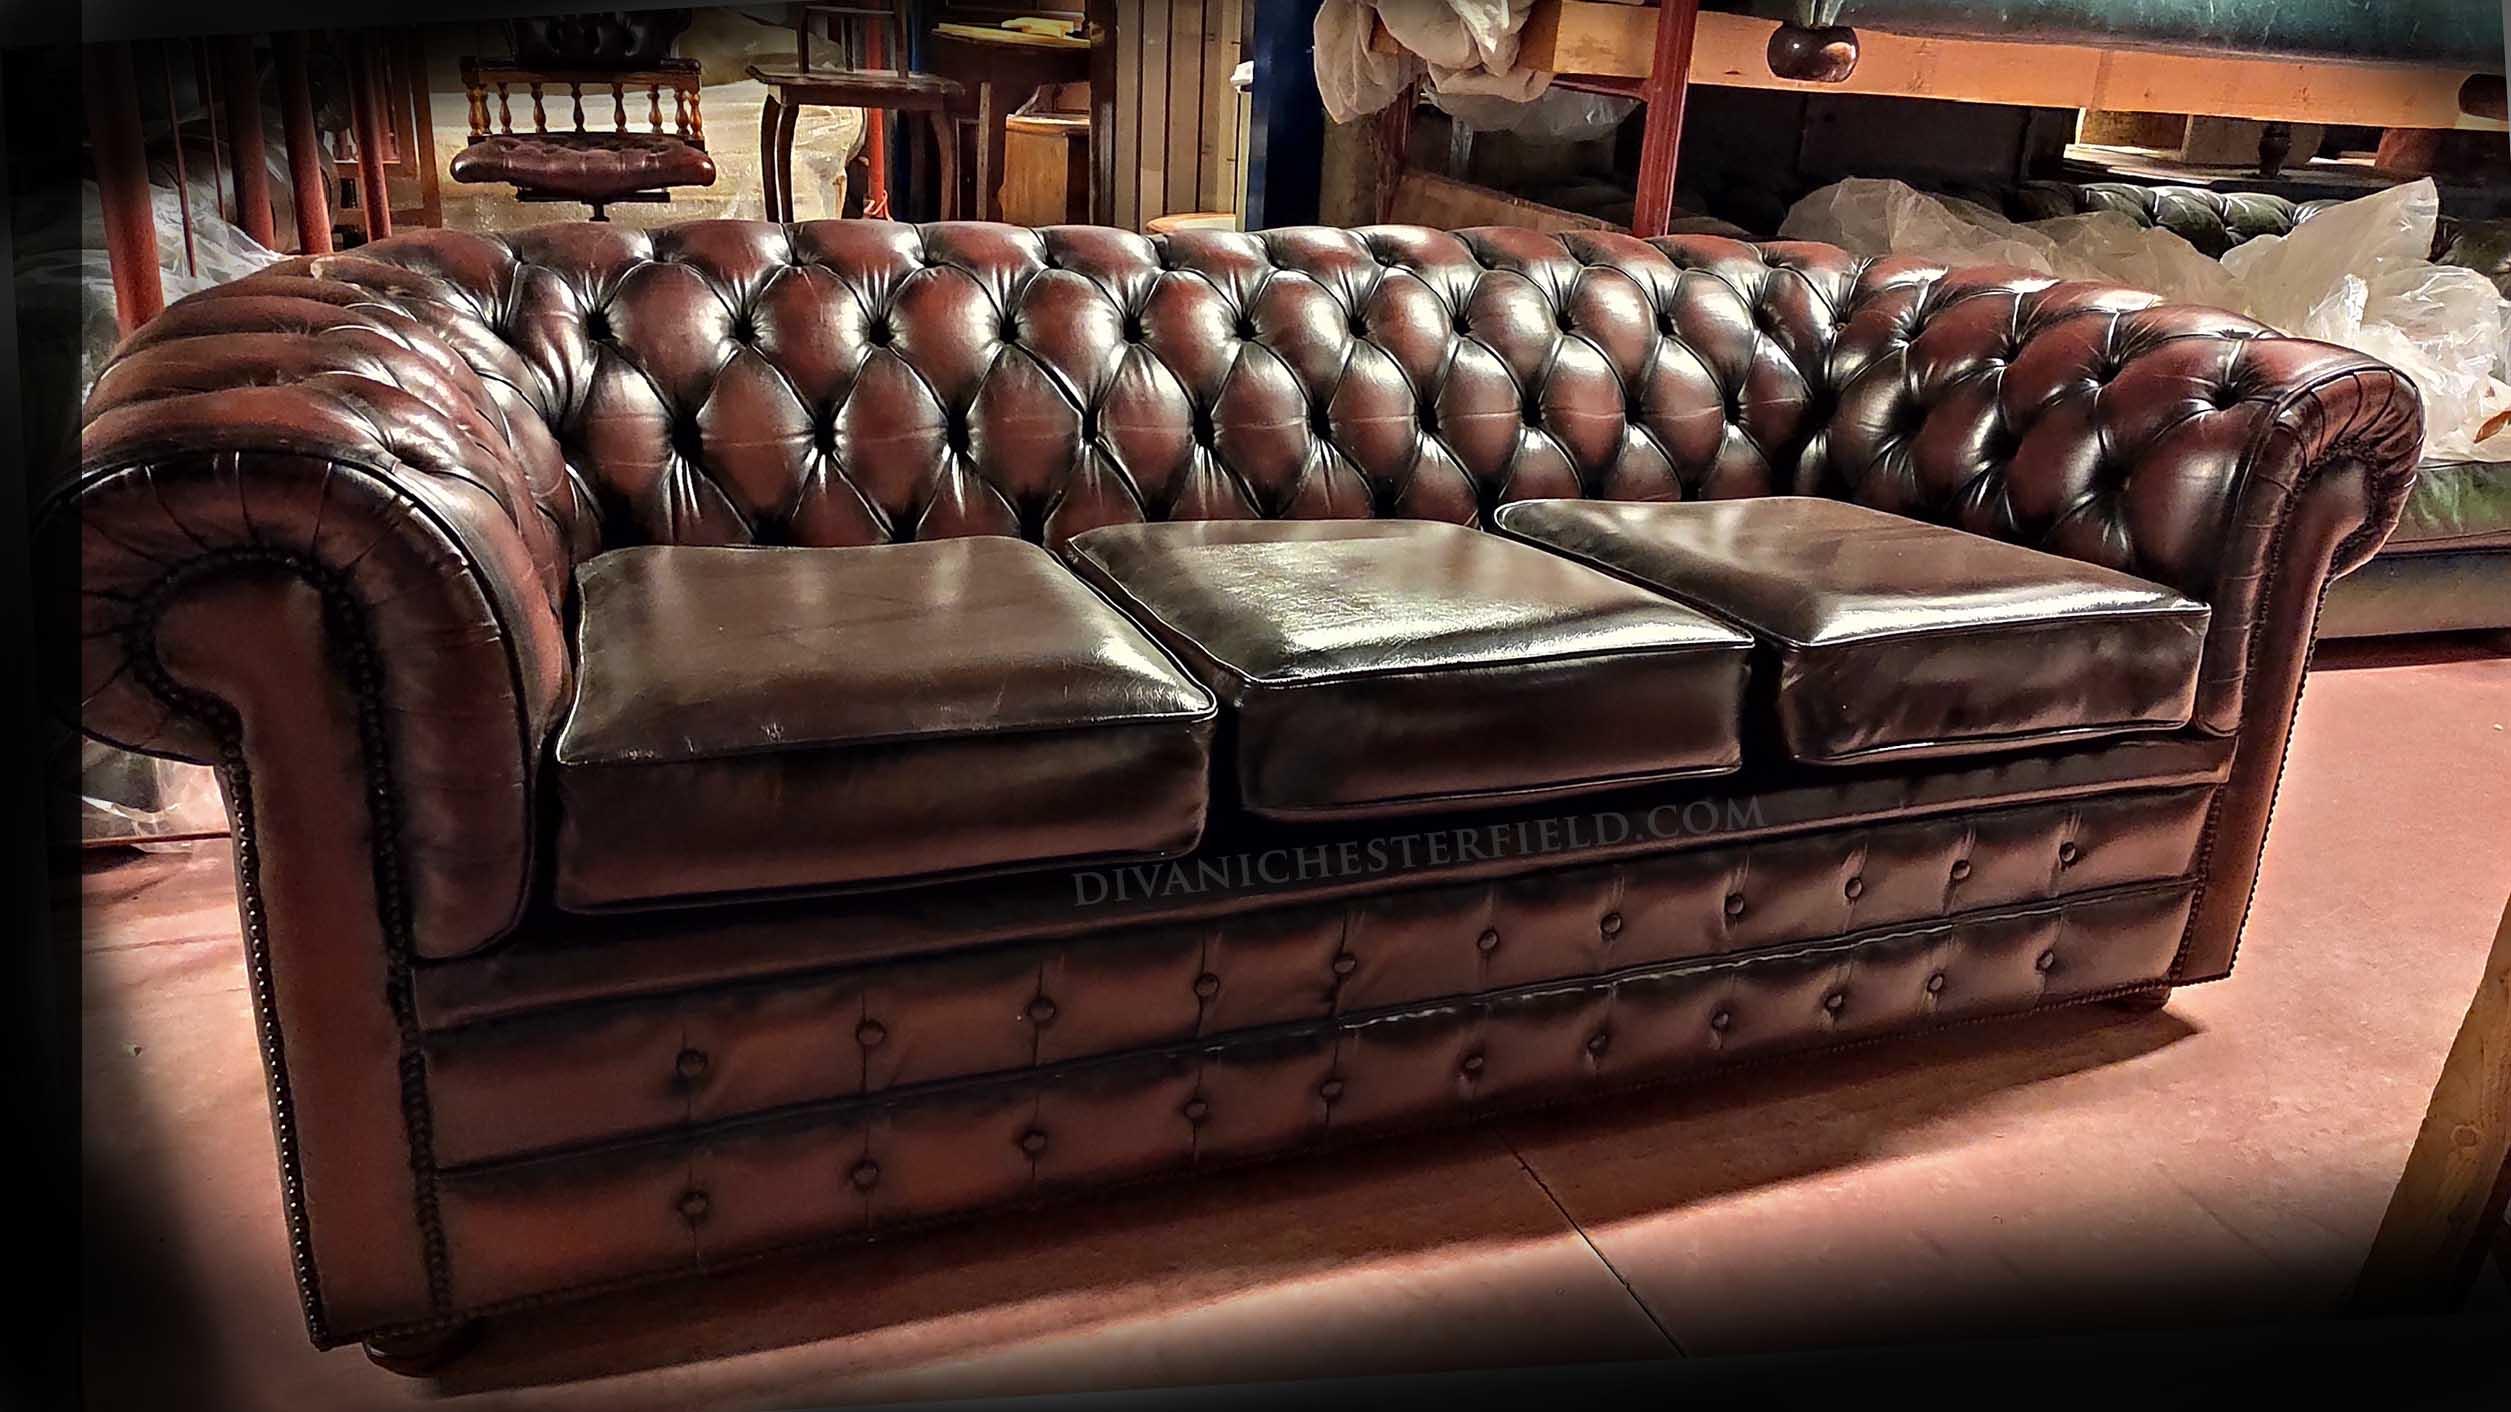 Divani Chesterfield Originali Inglesi.Divani Originali Inglesi Divano Originale Inglese Churchill Collins